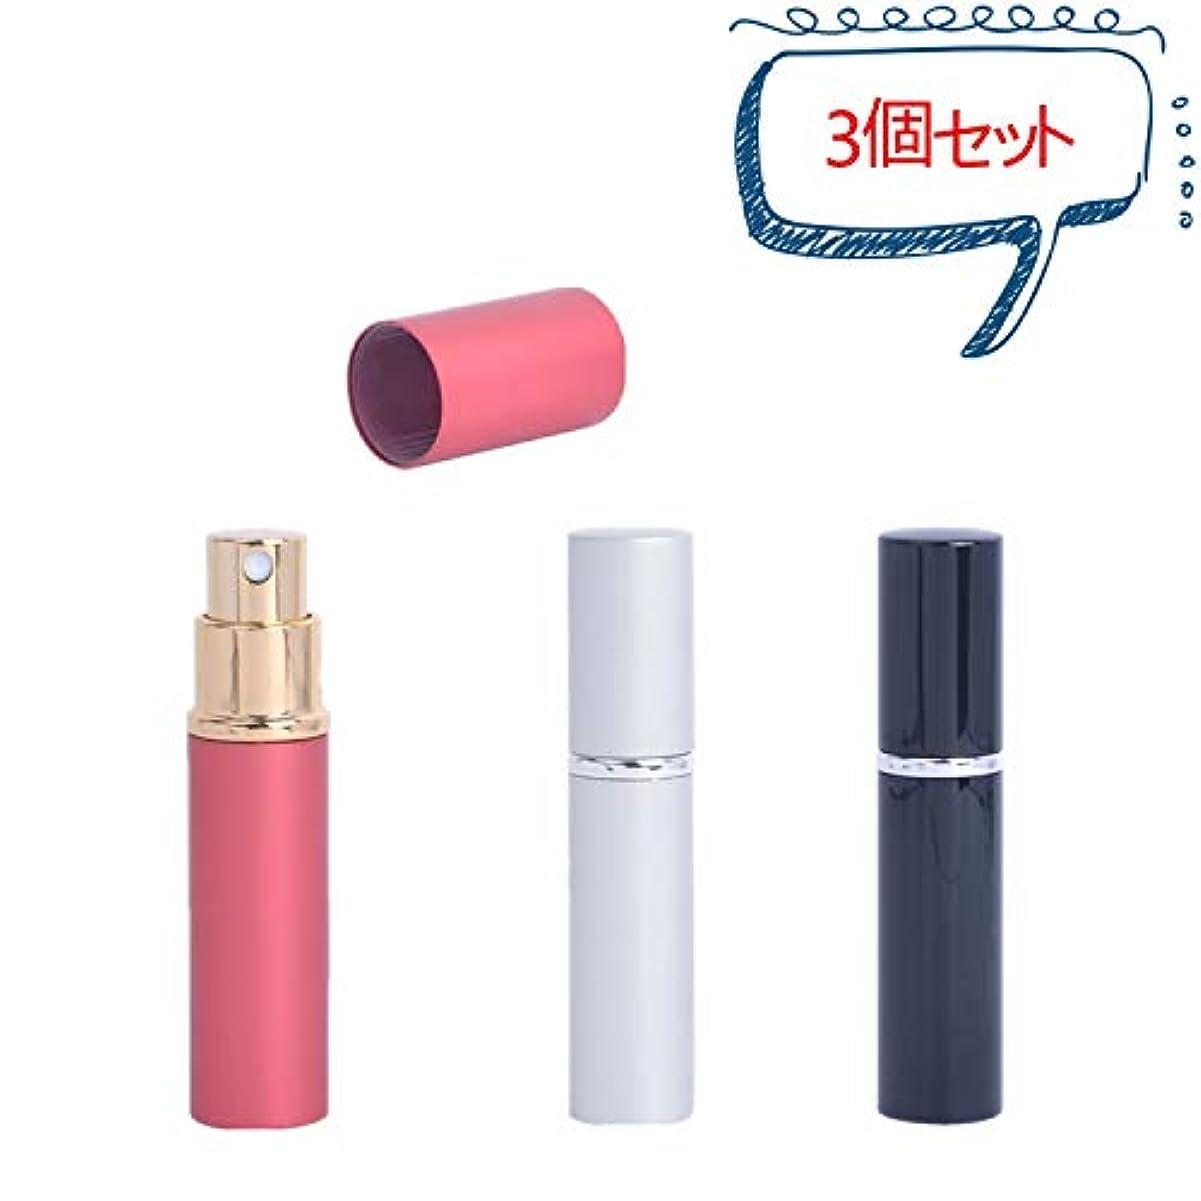 フィラデルフィア出席上[Hordlend] 3個セット アトマイザー 香水ボトル 香水噴霧器 詰め替え容器 旅行携帯用 5ml 3色セットXSP-025